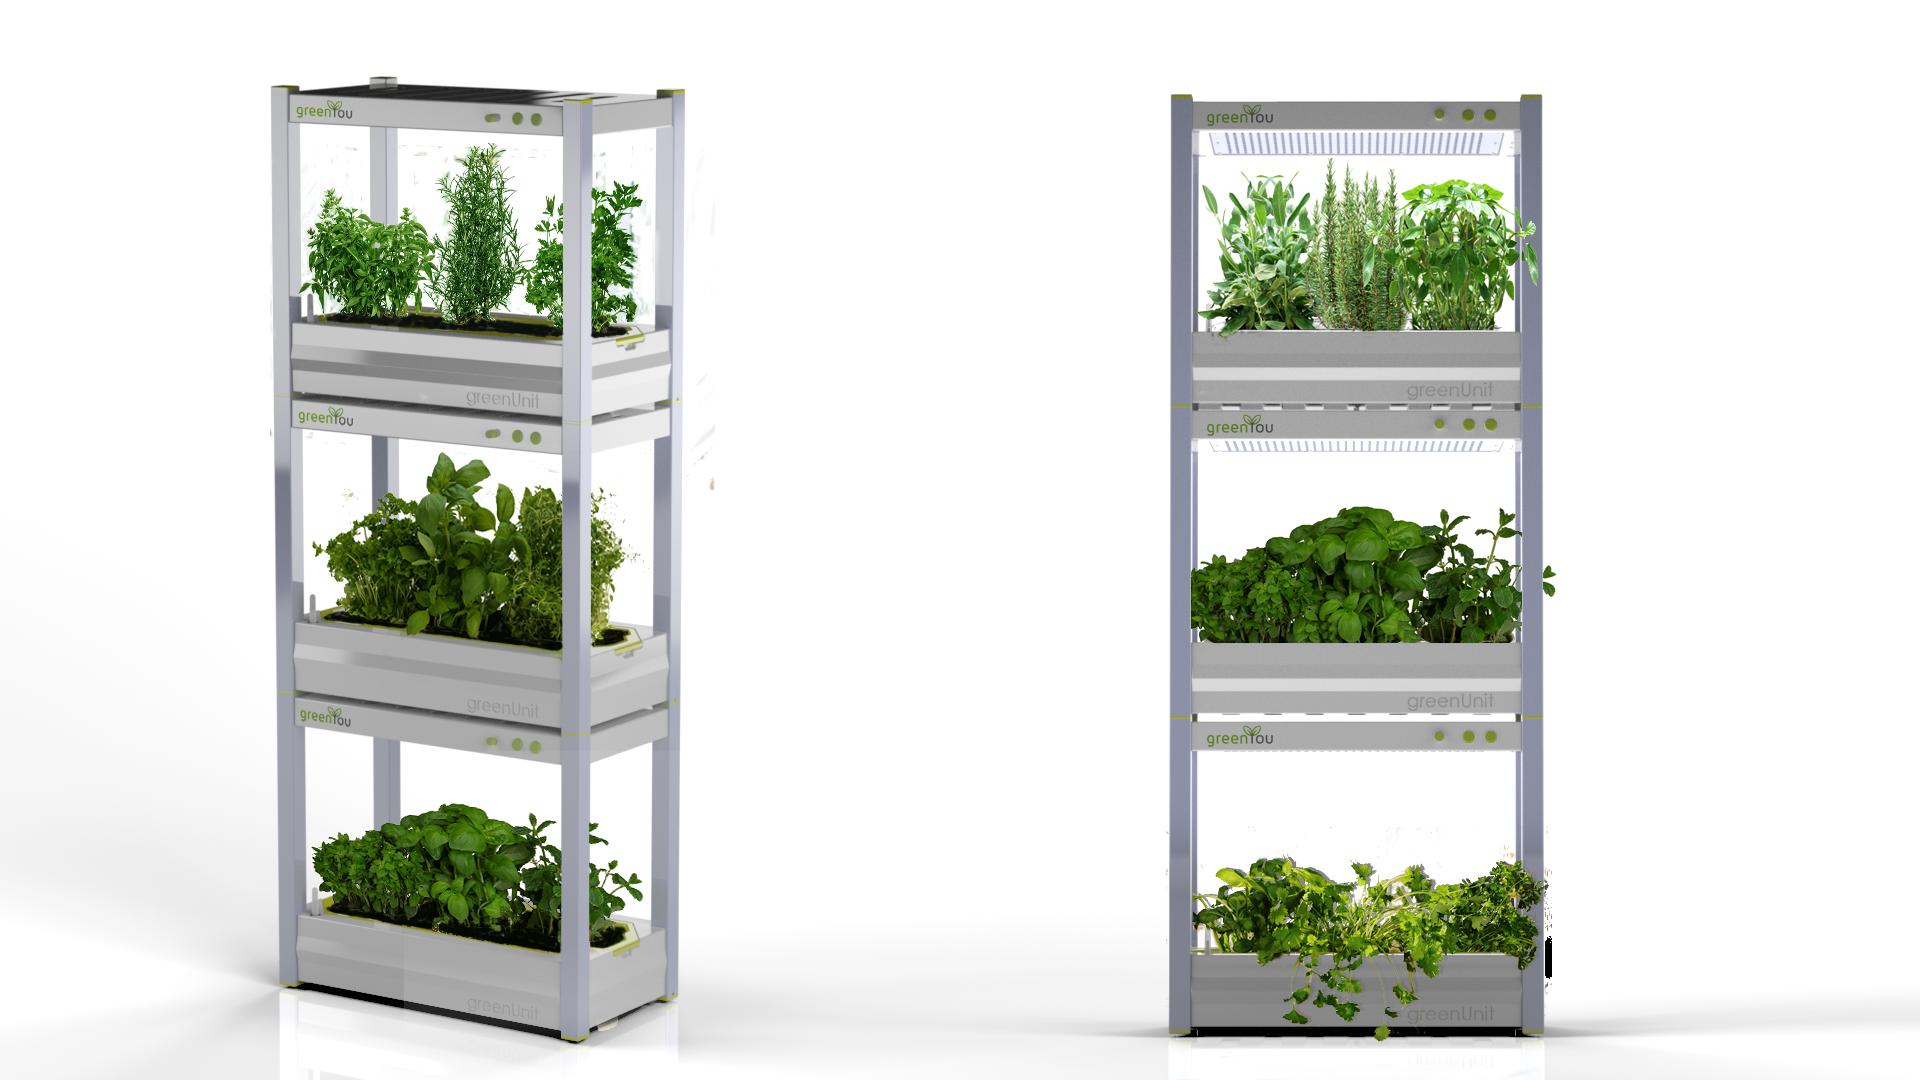 Der greenYou Indoor Garten ist stapelbar und ideal für Selbstversorger